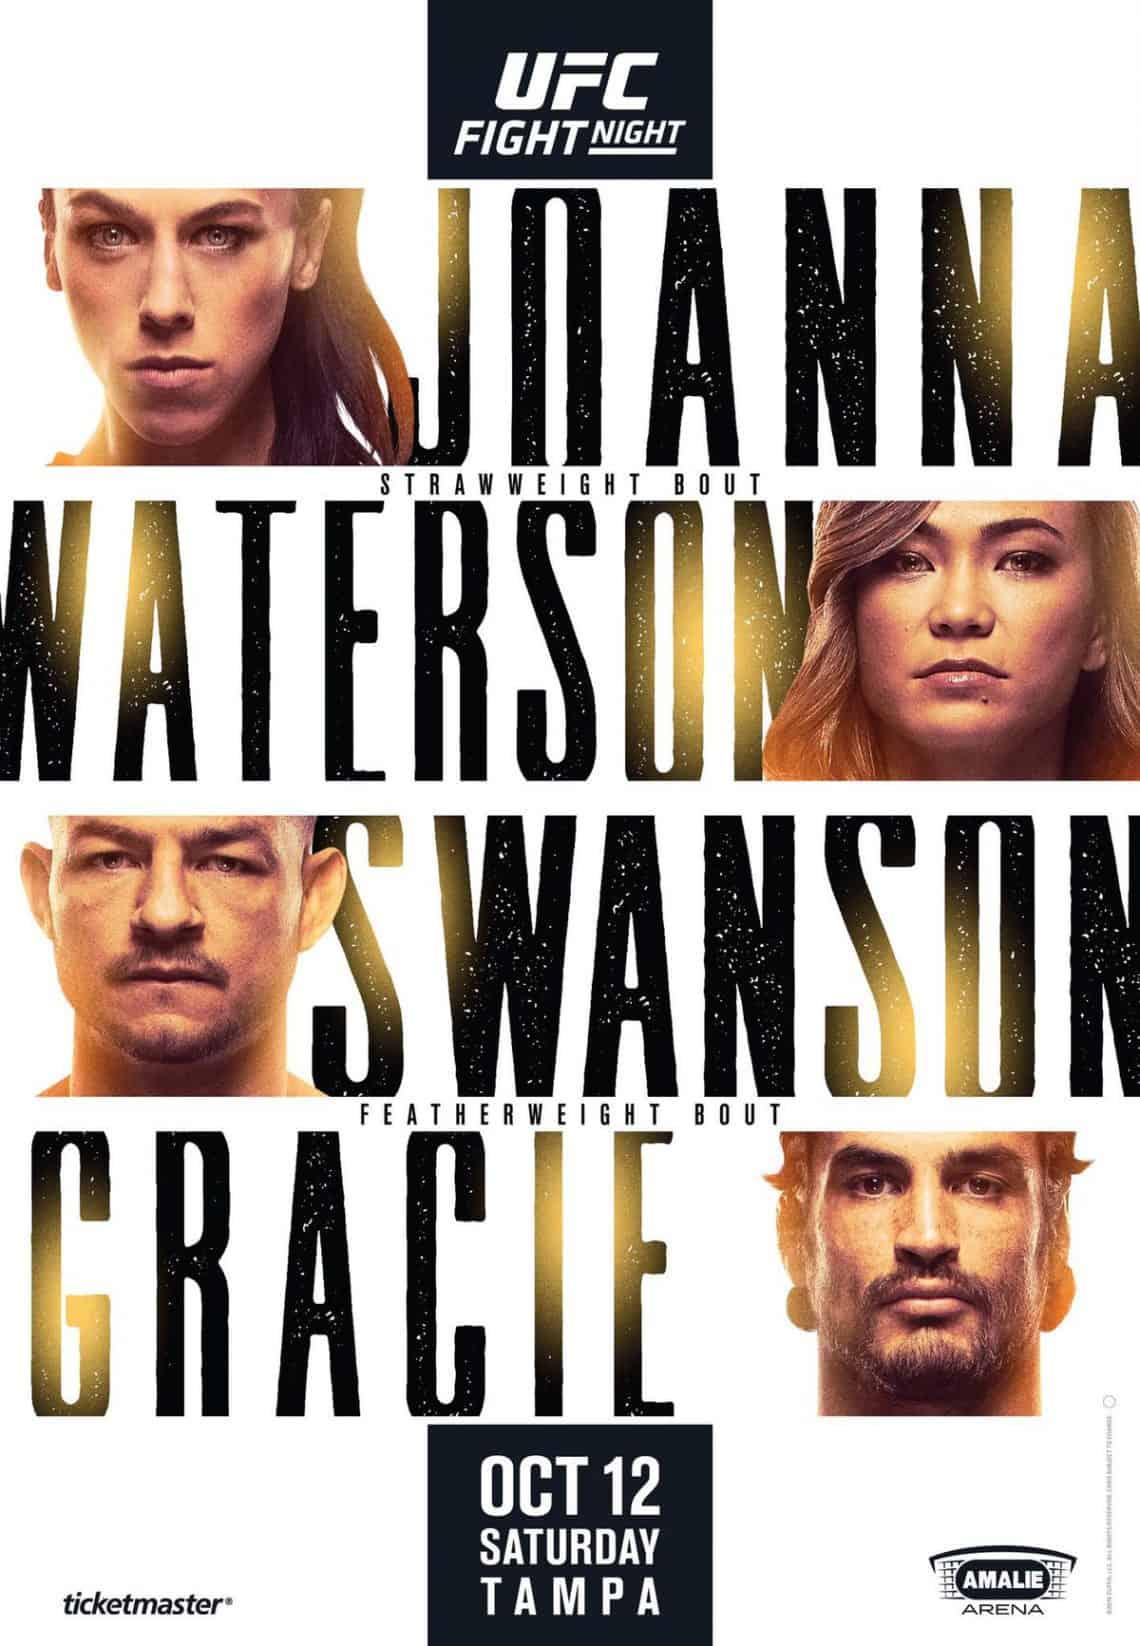 UFC Tampa 2019: Jedrzejczyk vs. Waterson 1